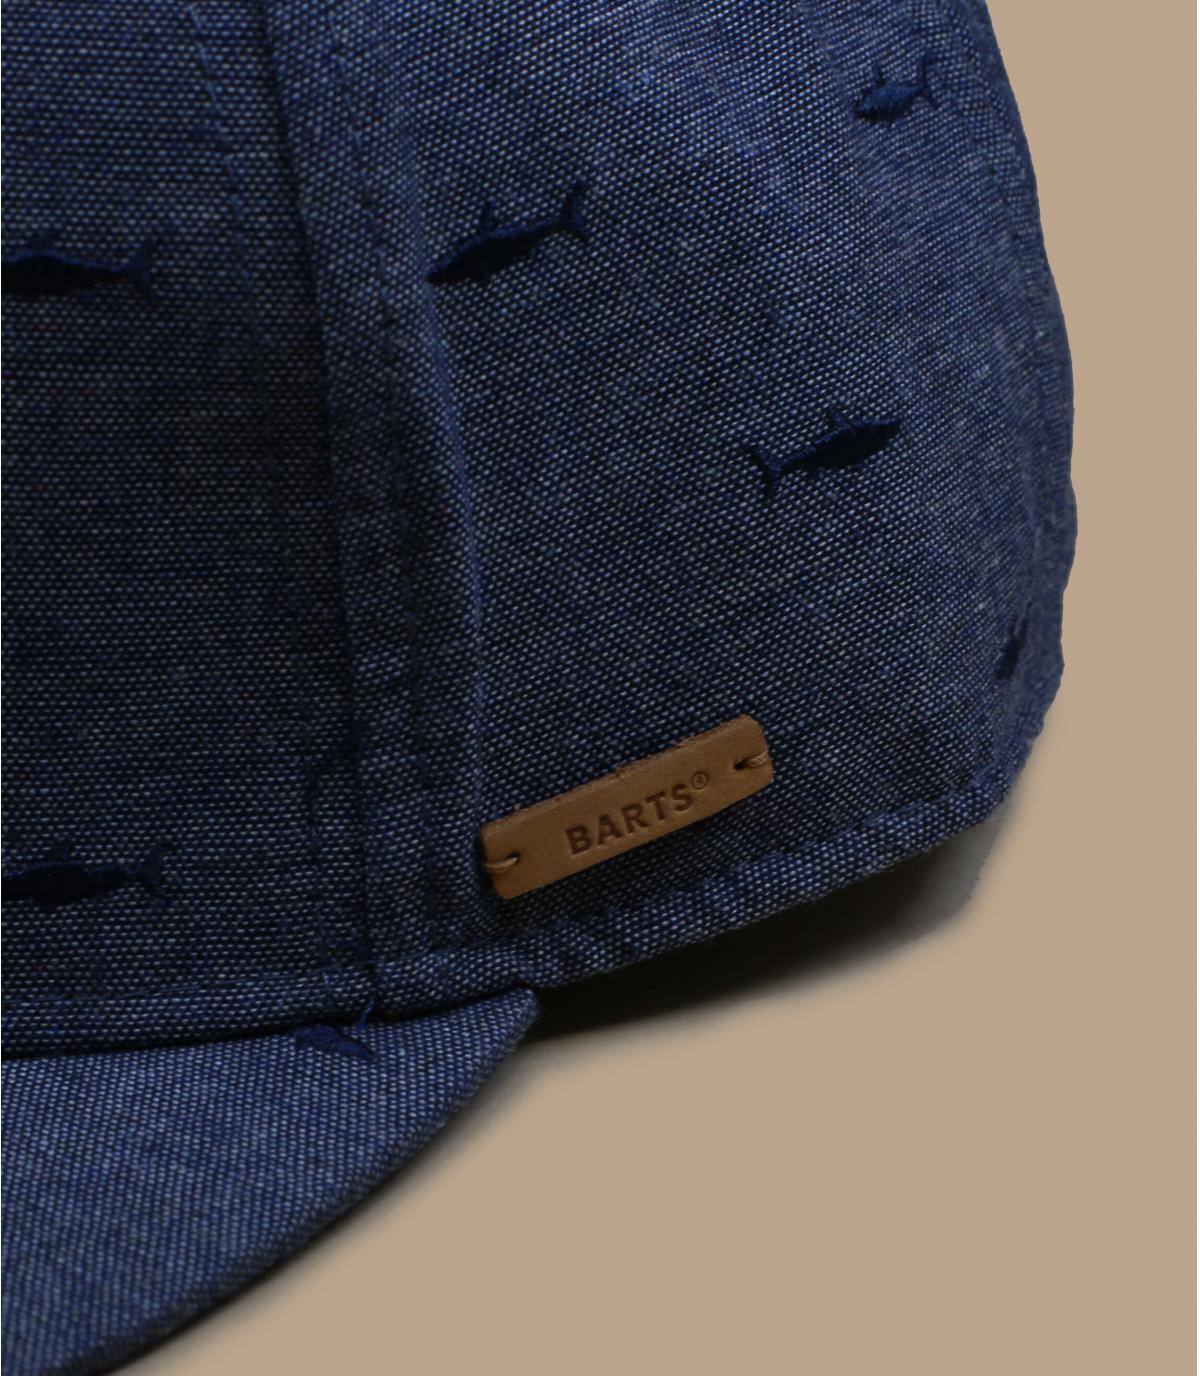 Details Kids Pauk Shark navy - Abbildung 2